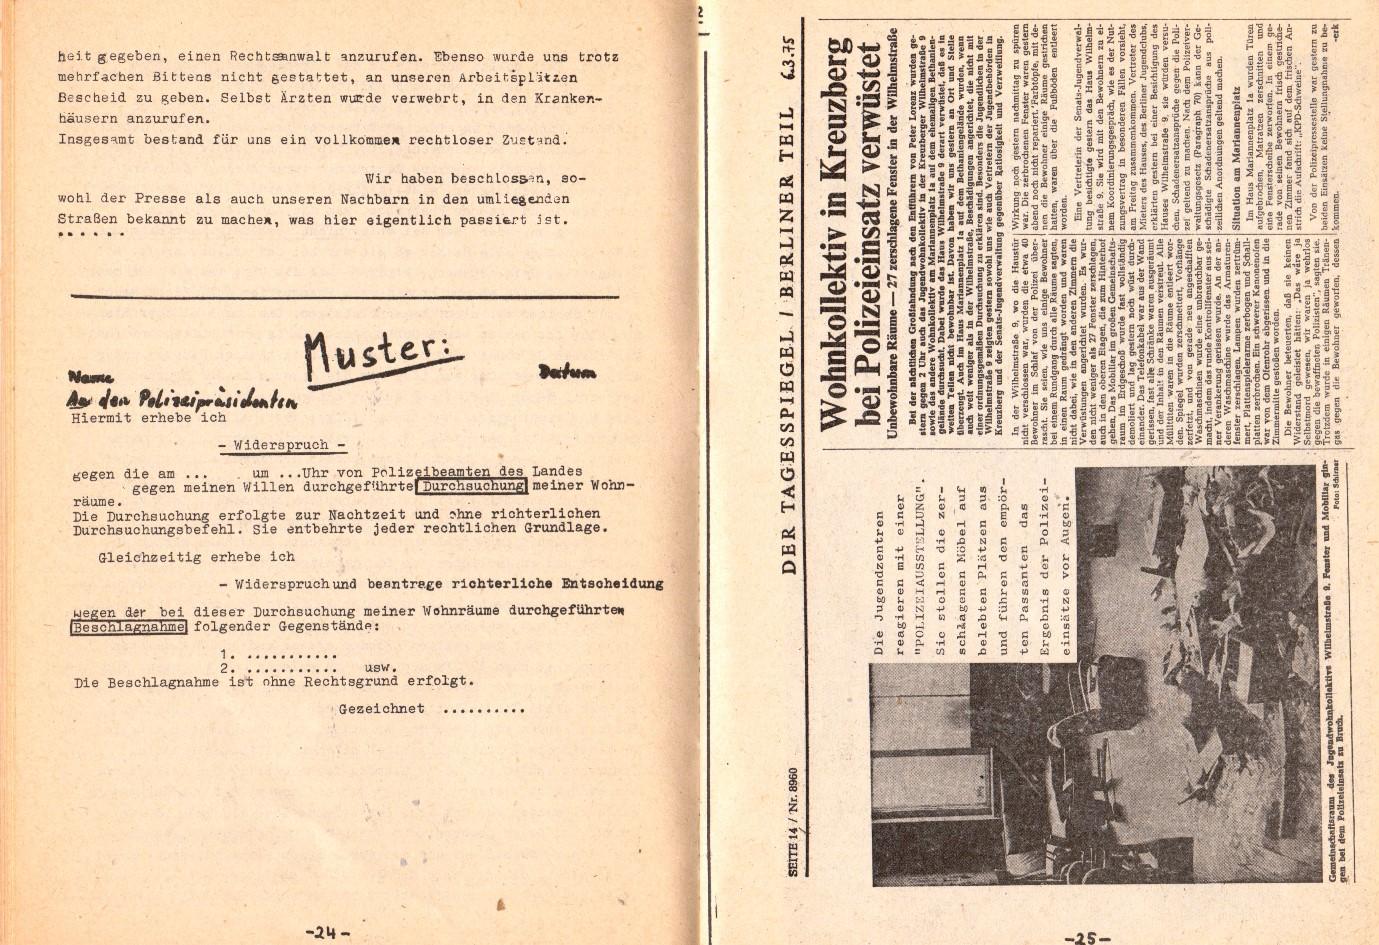 RHeV_1975_Wie_verteidige_ich_mich_14